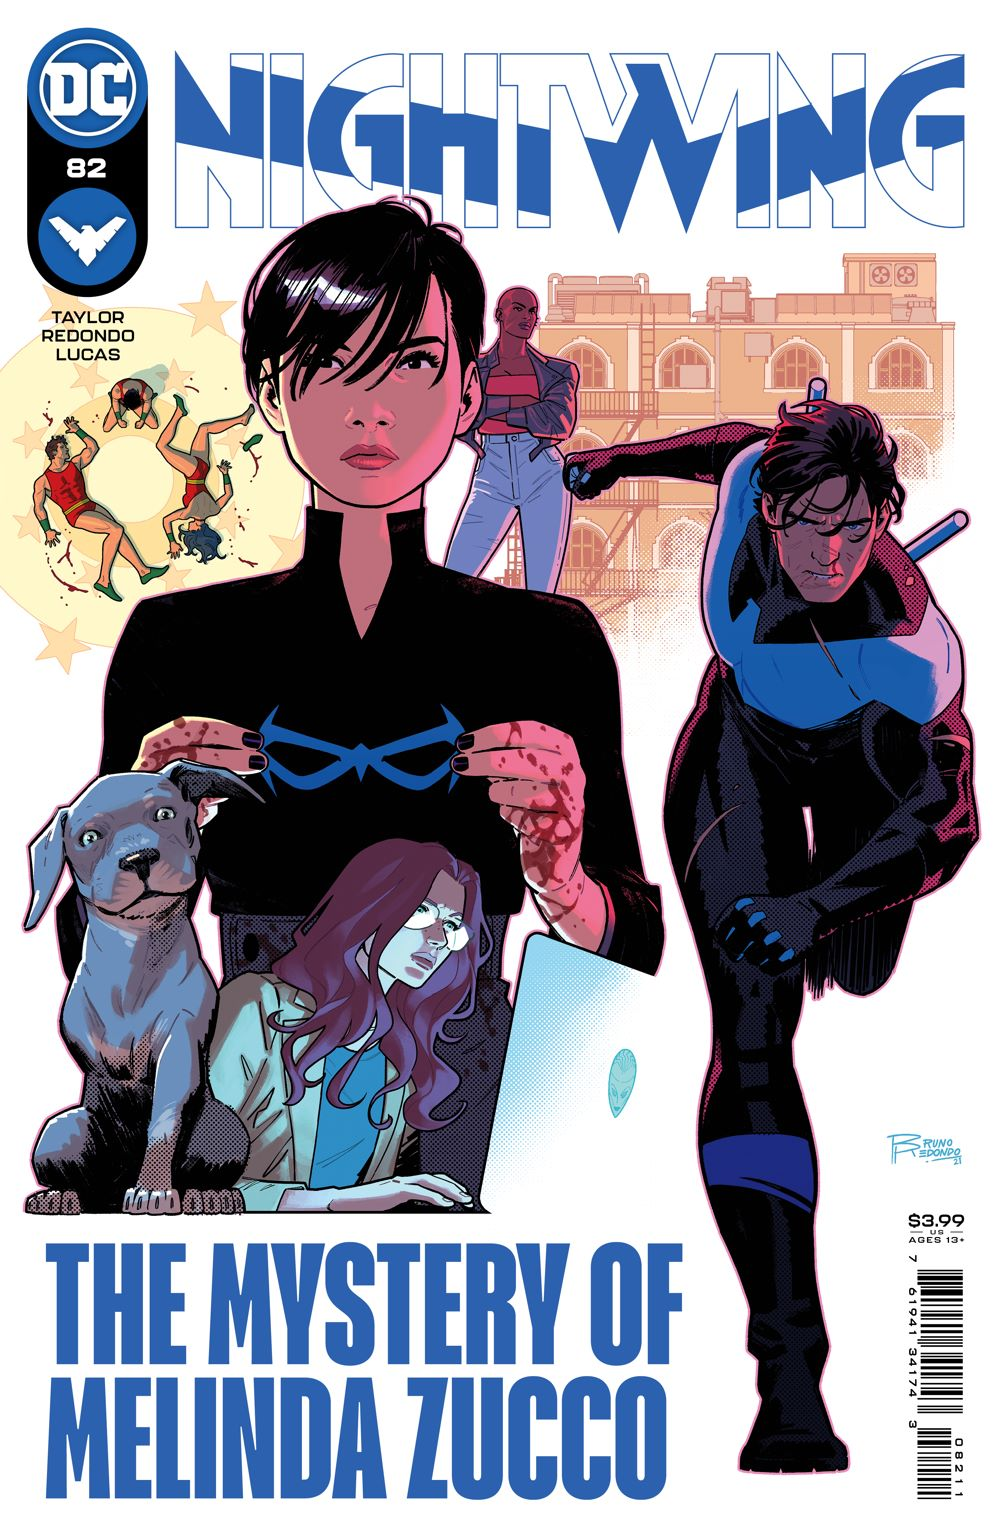 NTW_Cv82 DC Comics July 2021 Solicitations